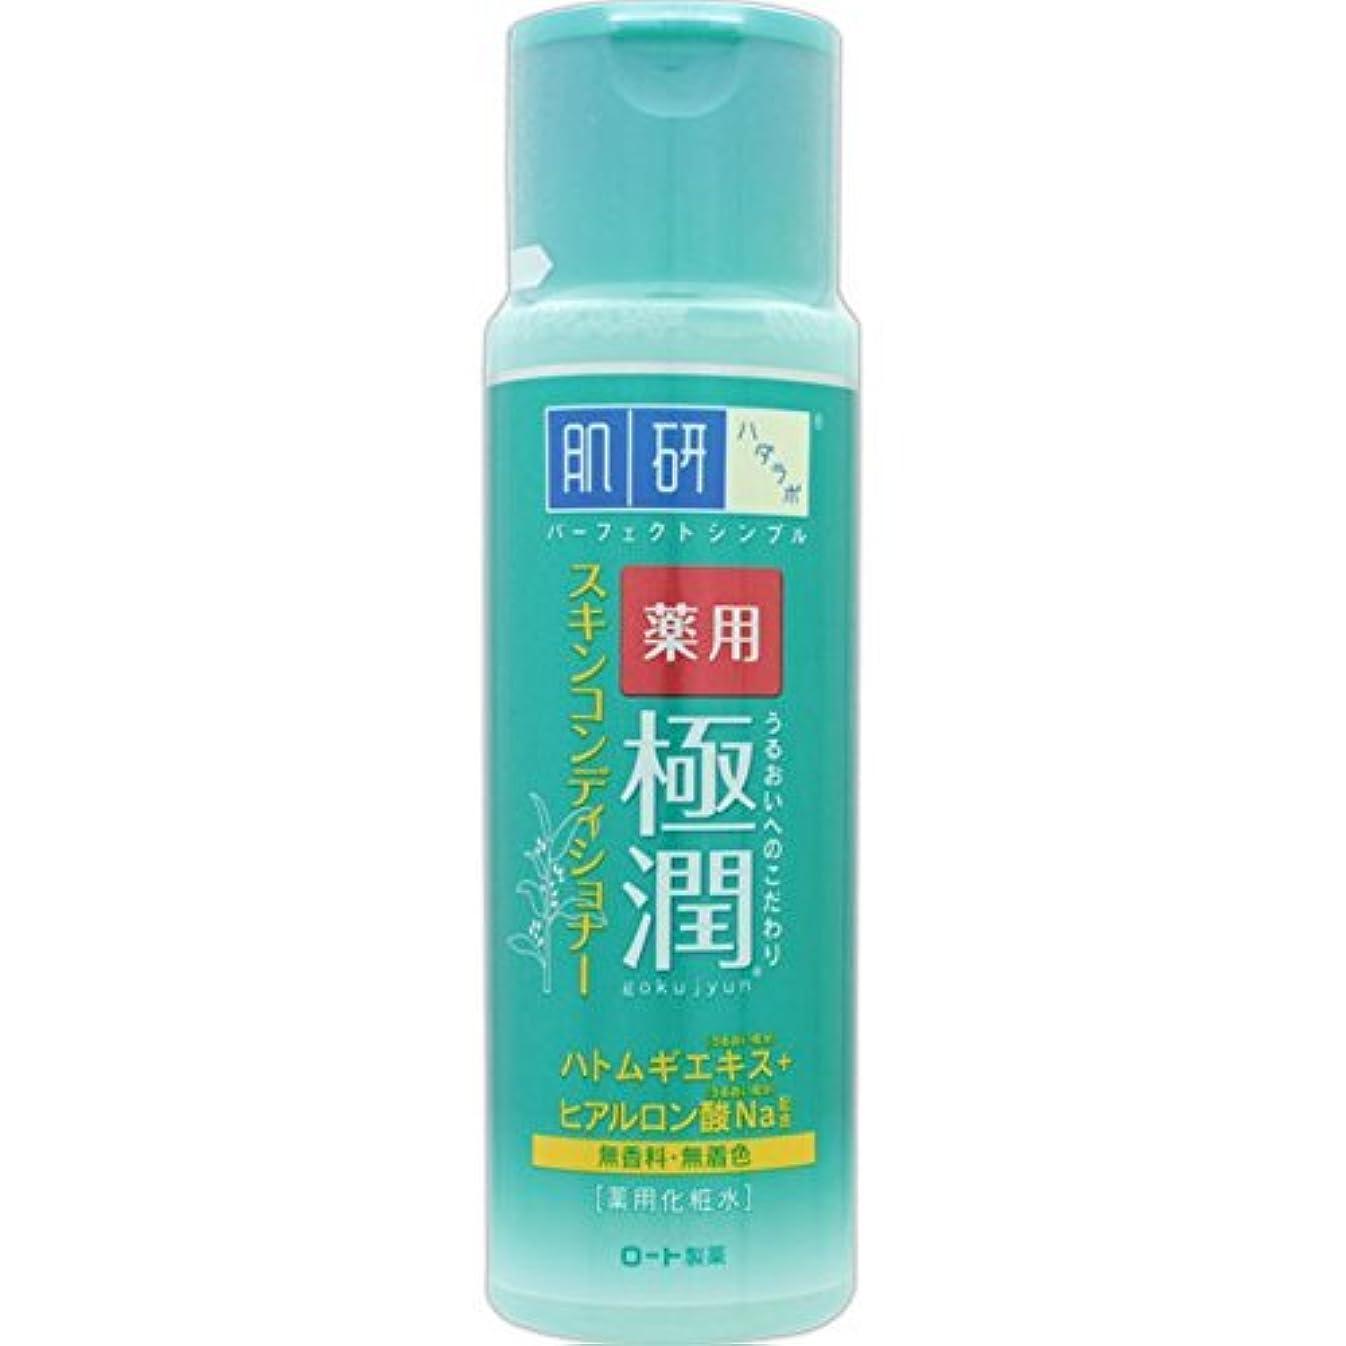 関数副産物ダウンタウン肌研 薬用 極潤 スキンコンディショナー 170mL (医薬部外品)